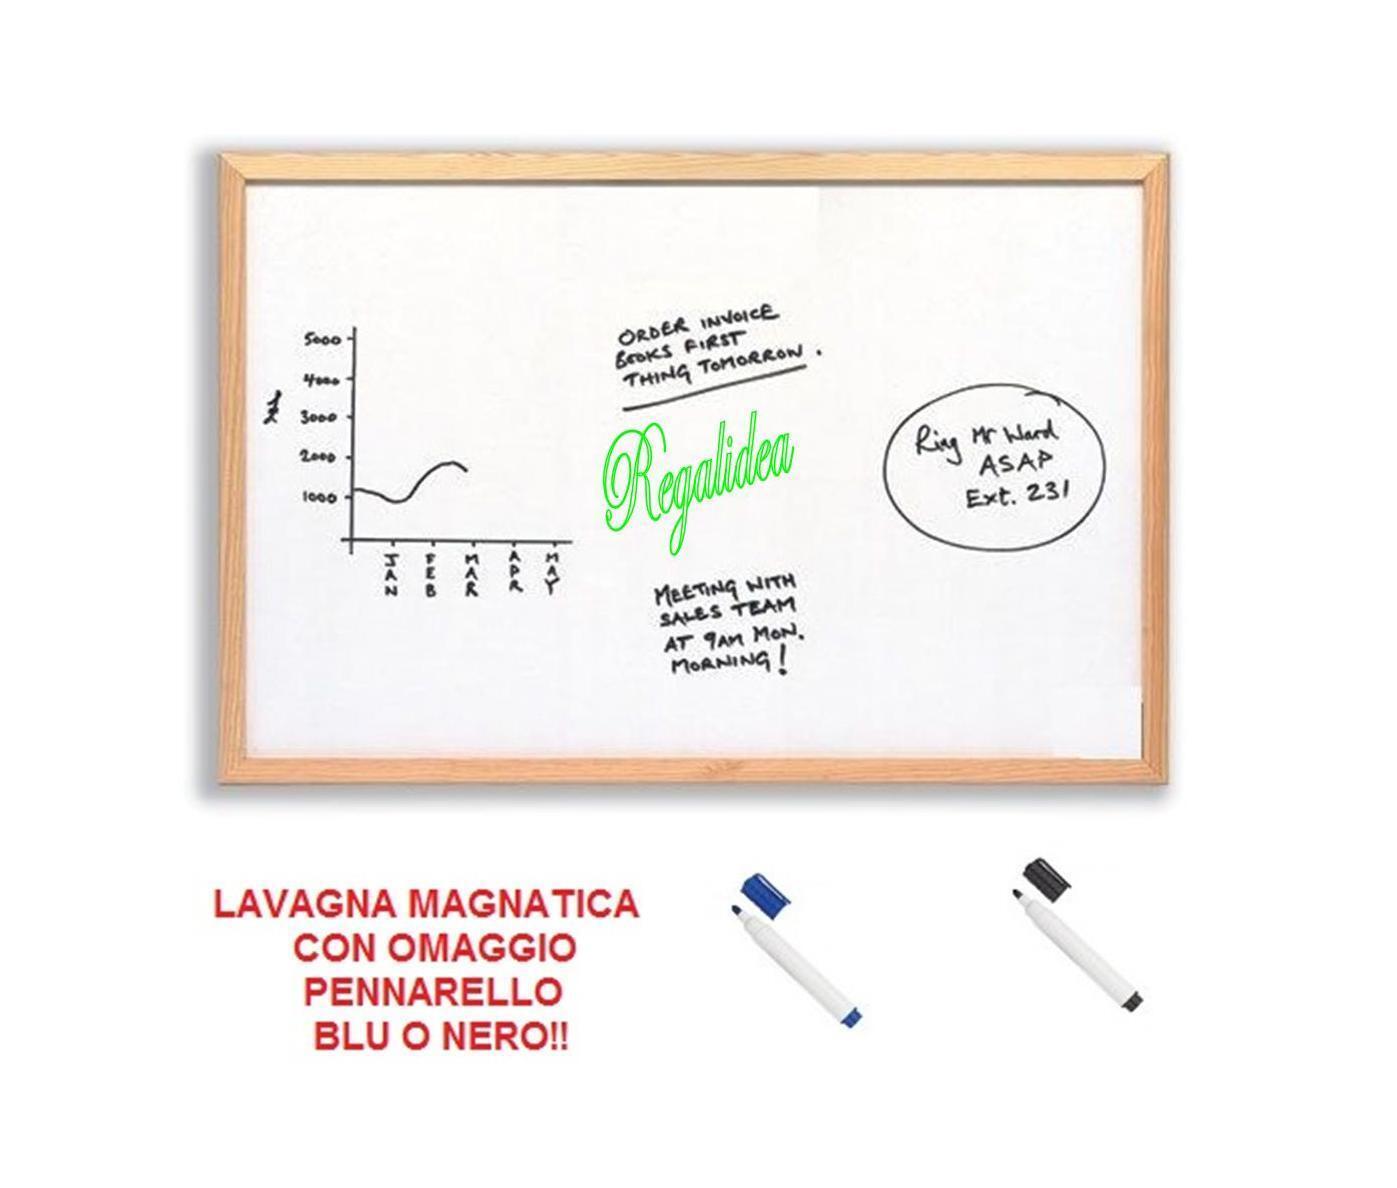 LAVAGNA MAGNETICA BIANCA BACHECA VARIE MISURE CORNICE LEGNO CANCELLINO + OMAGGIO